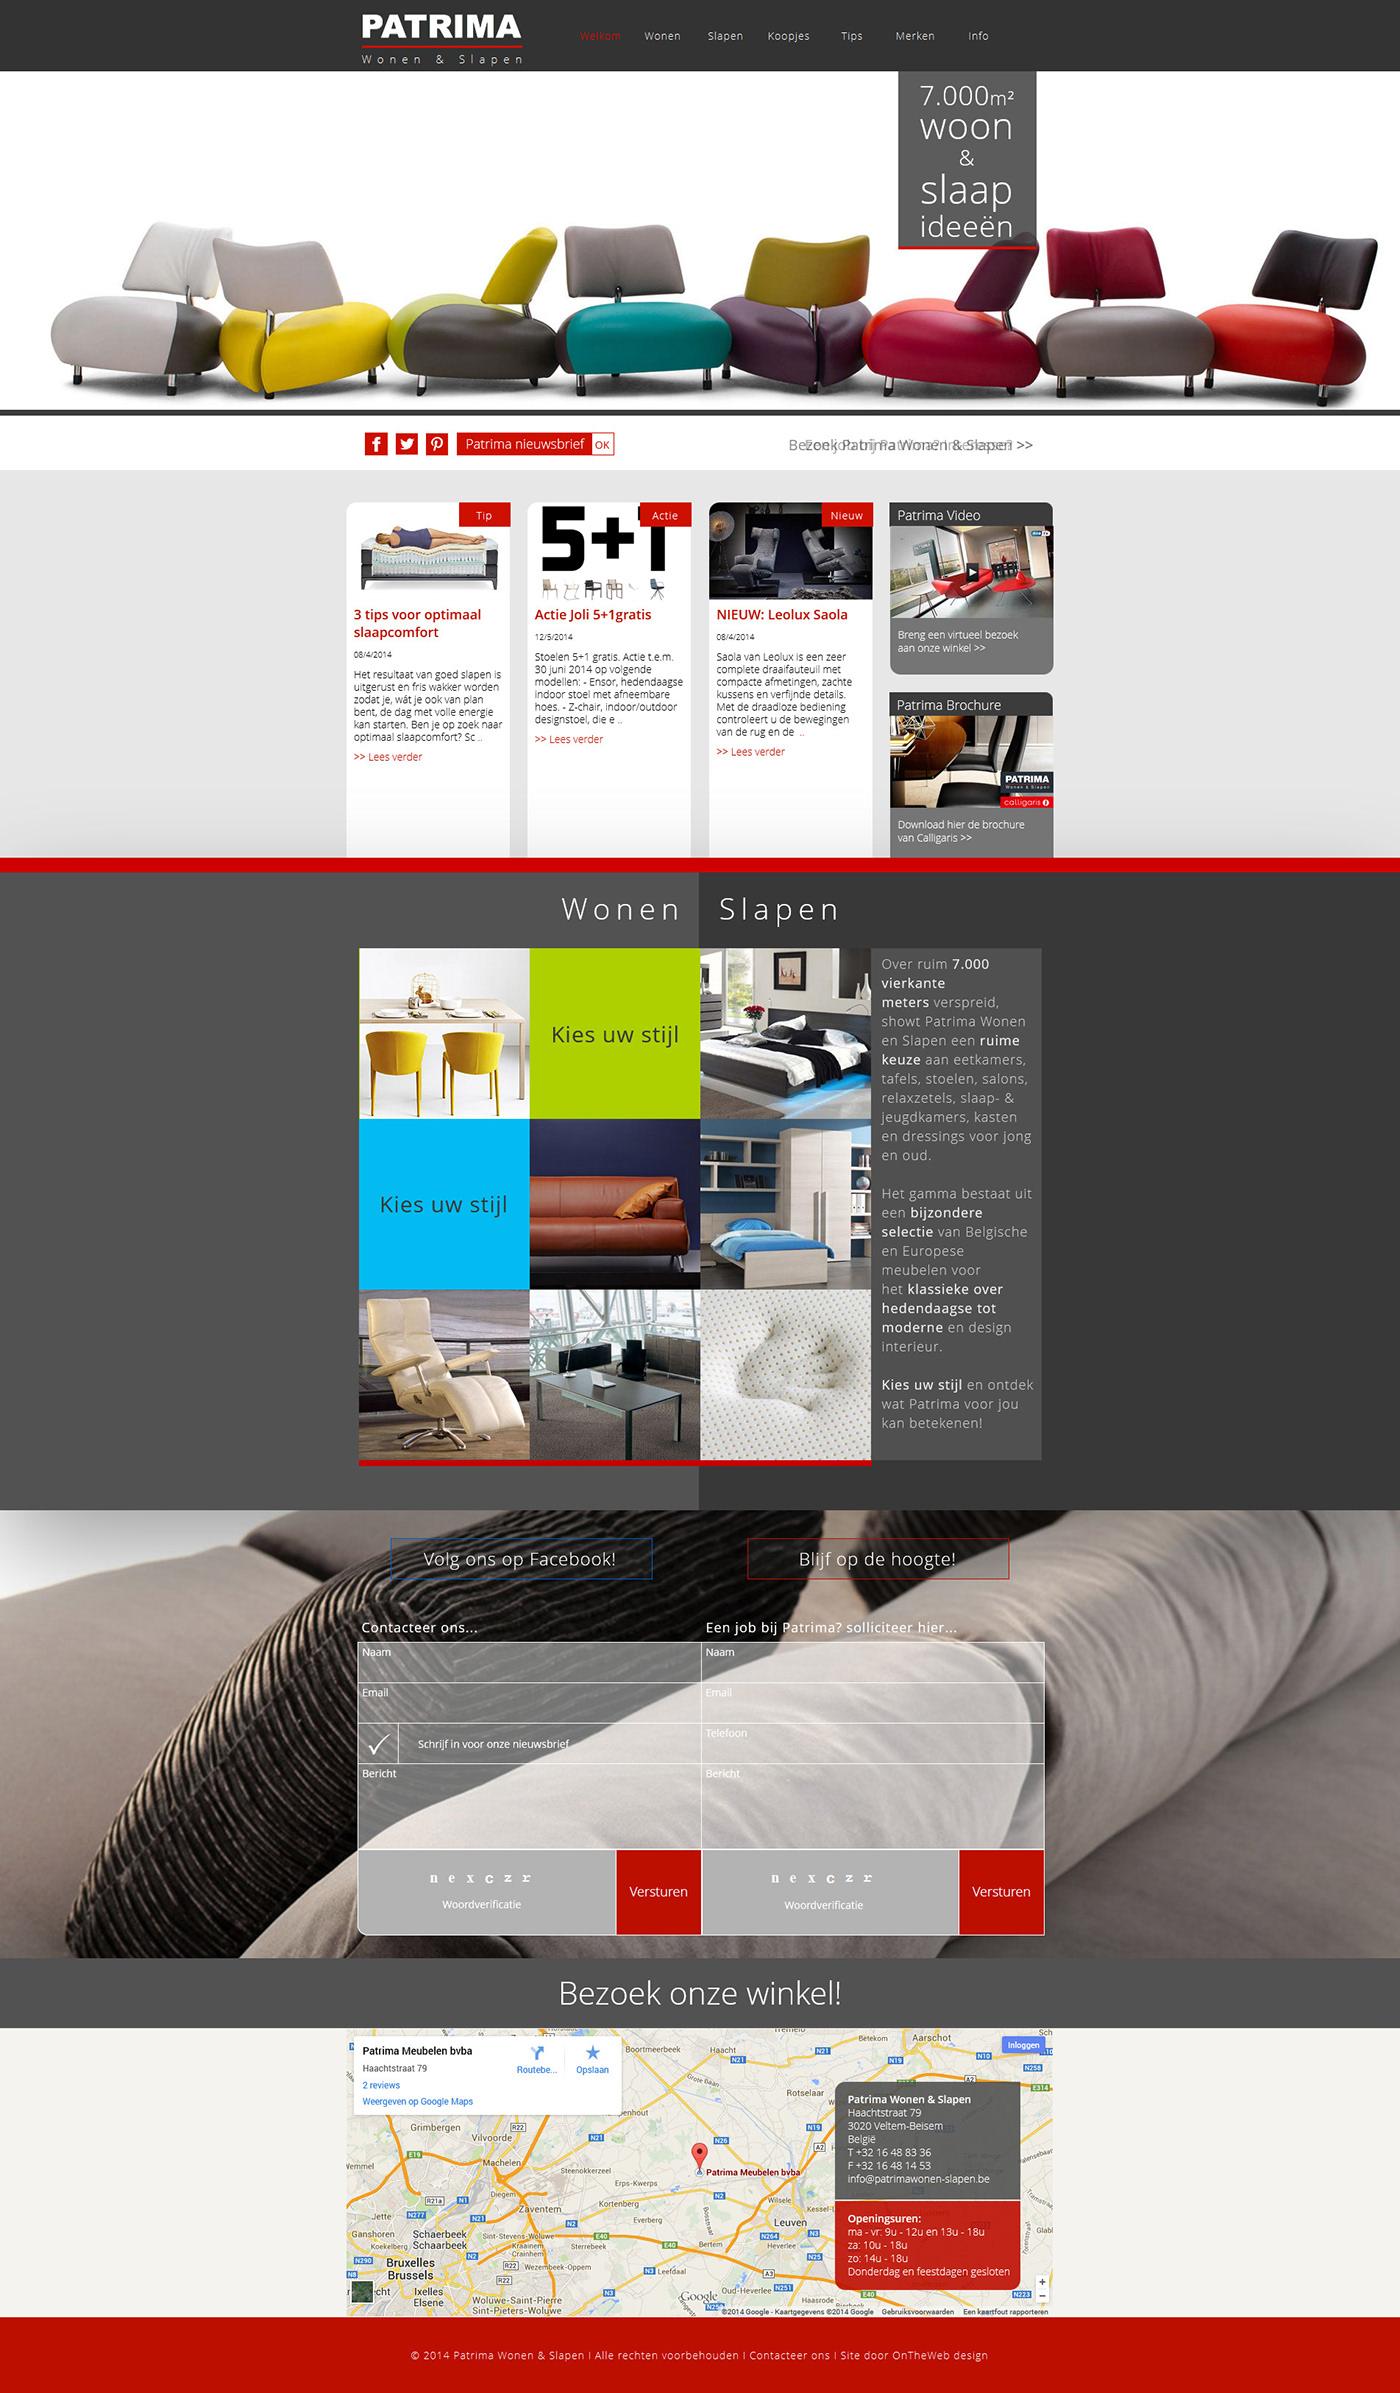 3 Design Stoelen.Patrima Wonen Slapen On Behance